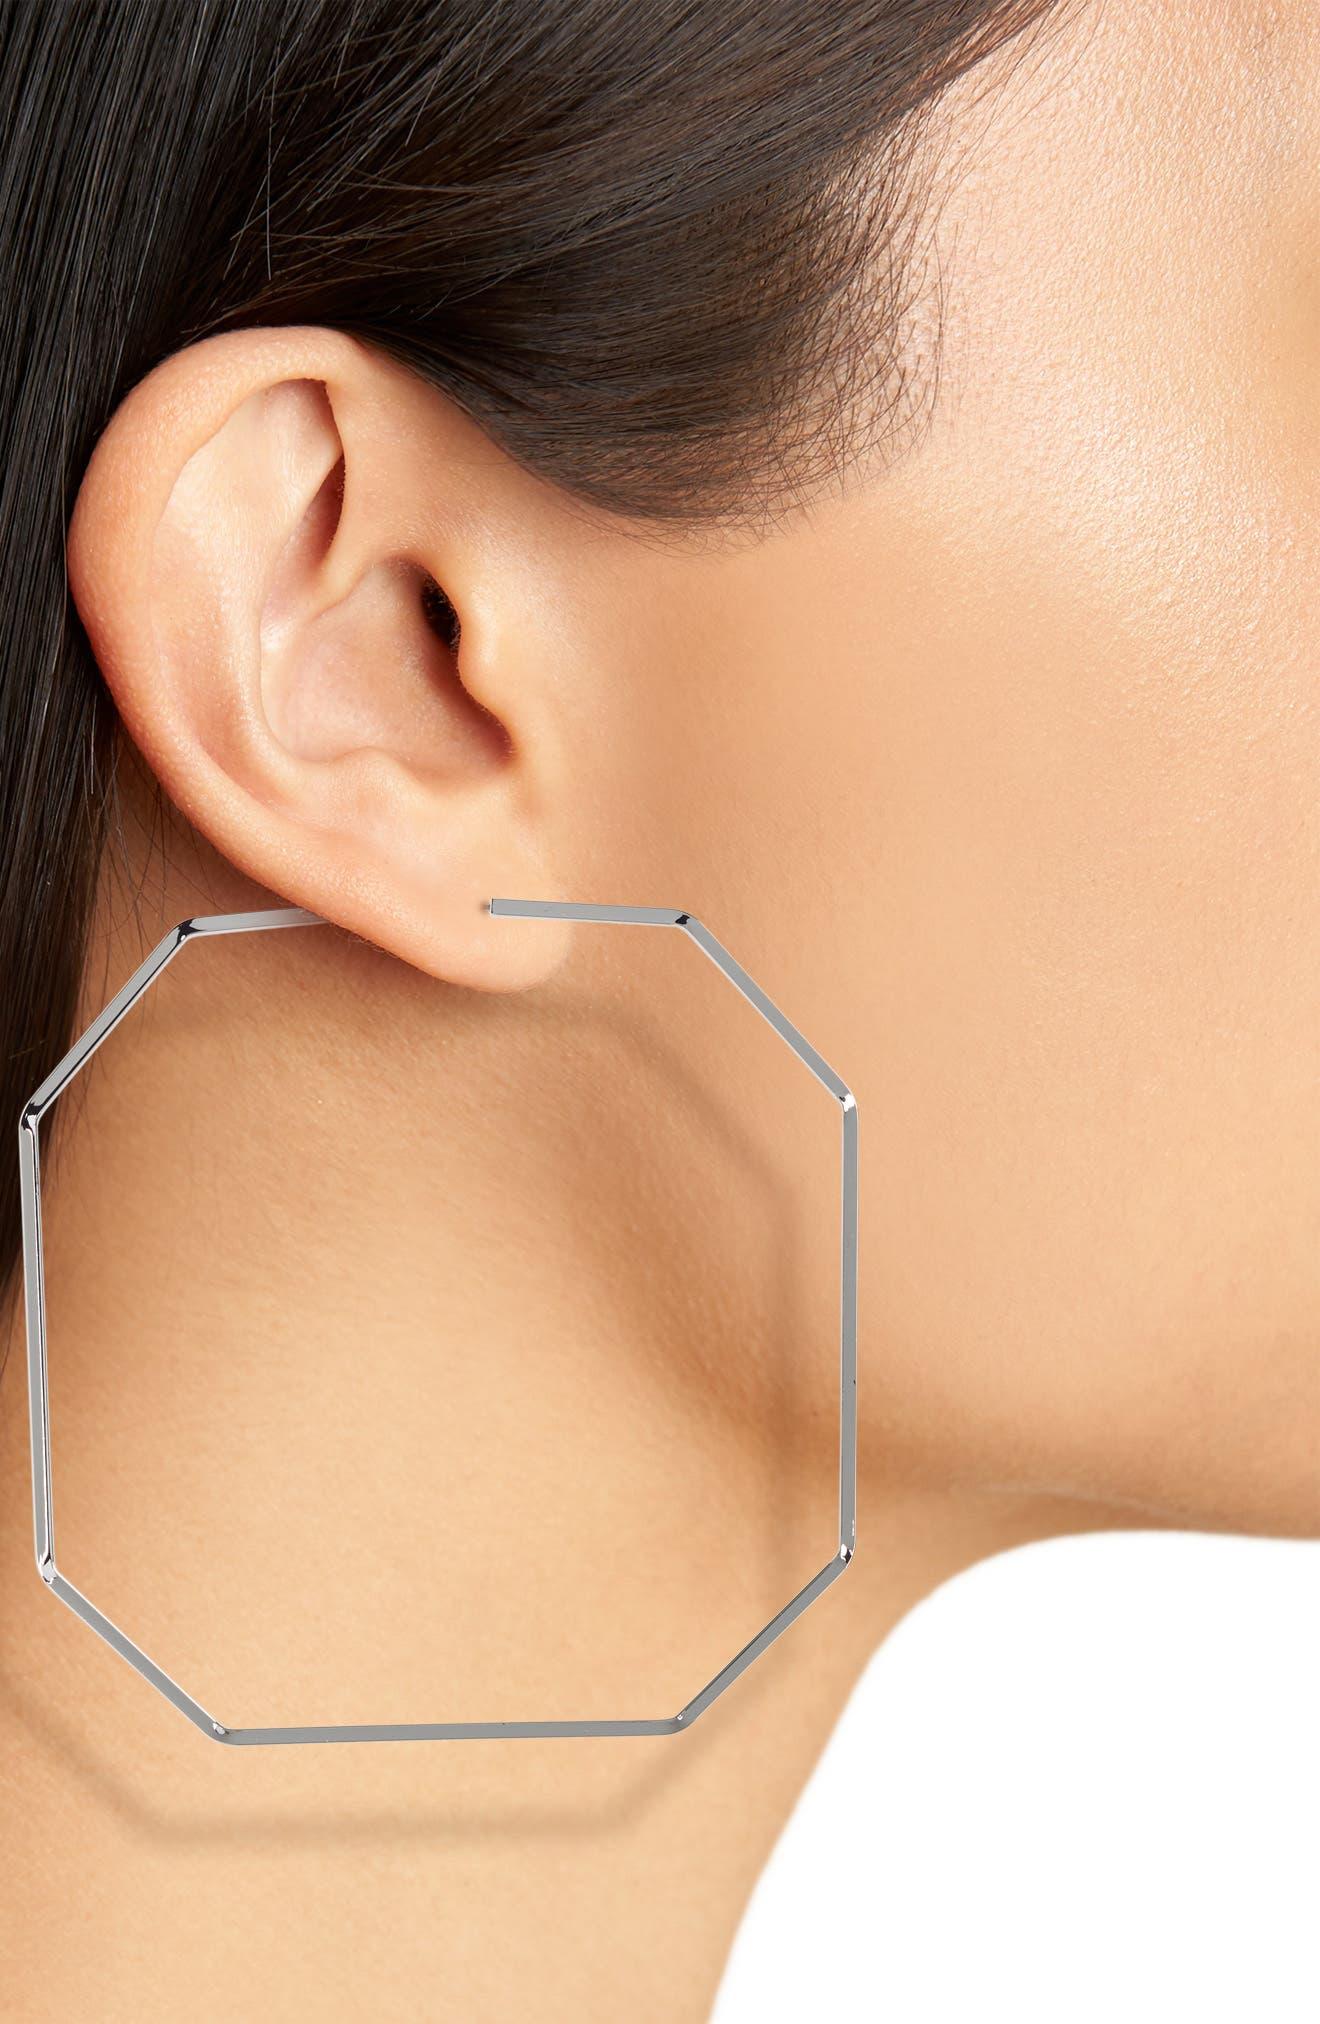 Octagon Hoop Earrings,                             Alternate thumbnail 2, color,                             040